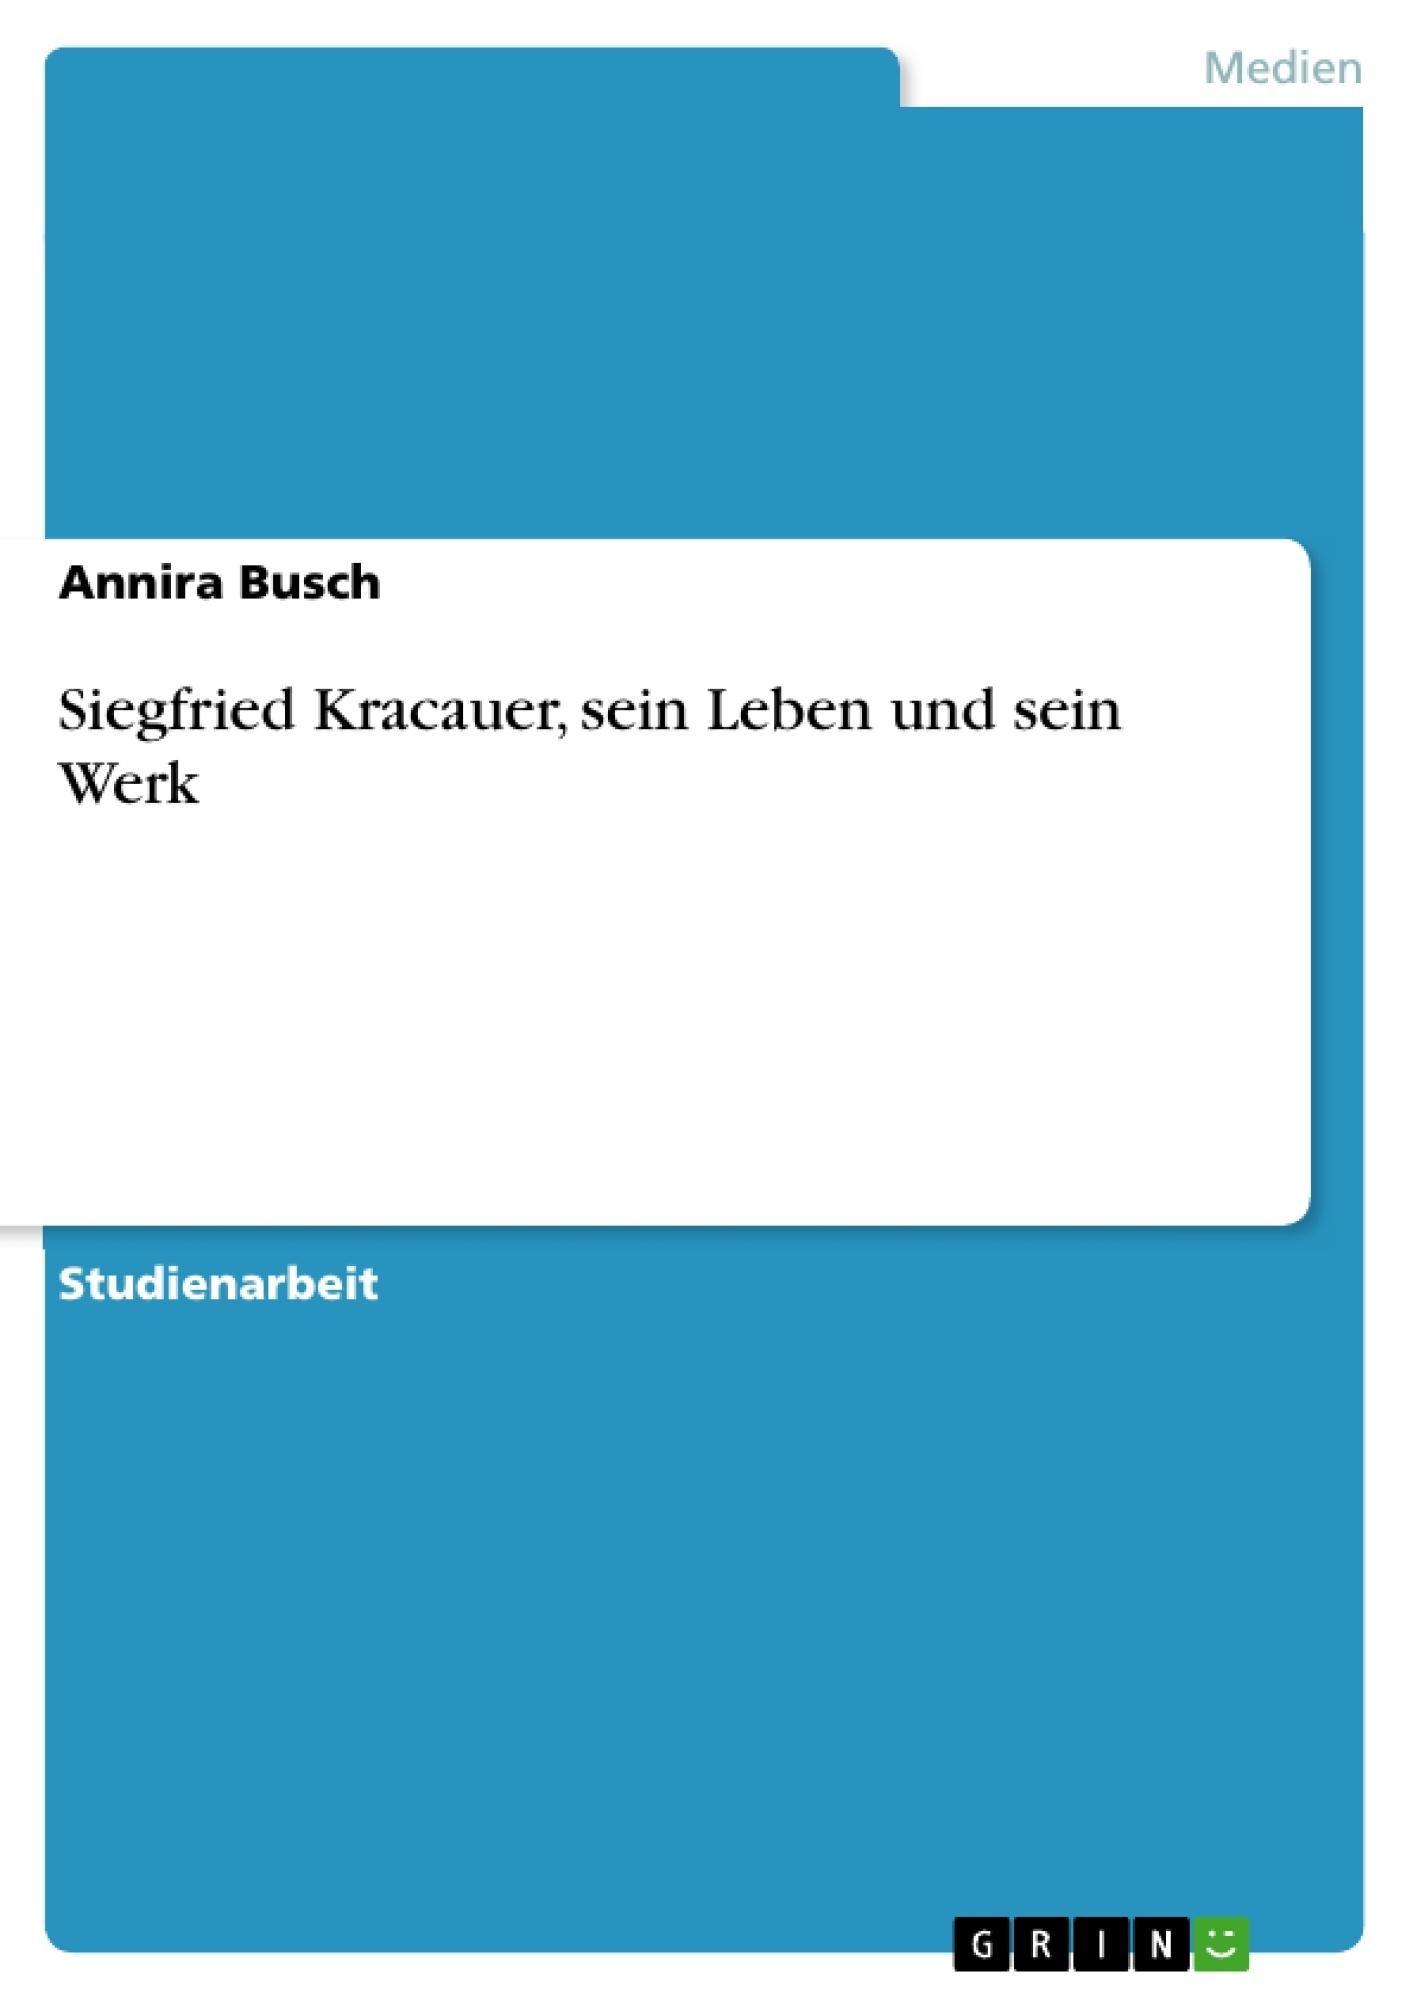 Titel: Siegfried Kracauer, sein Leben und sein Werk